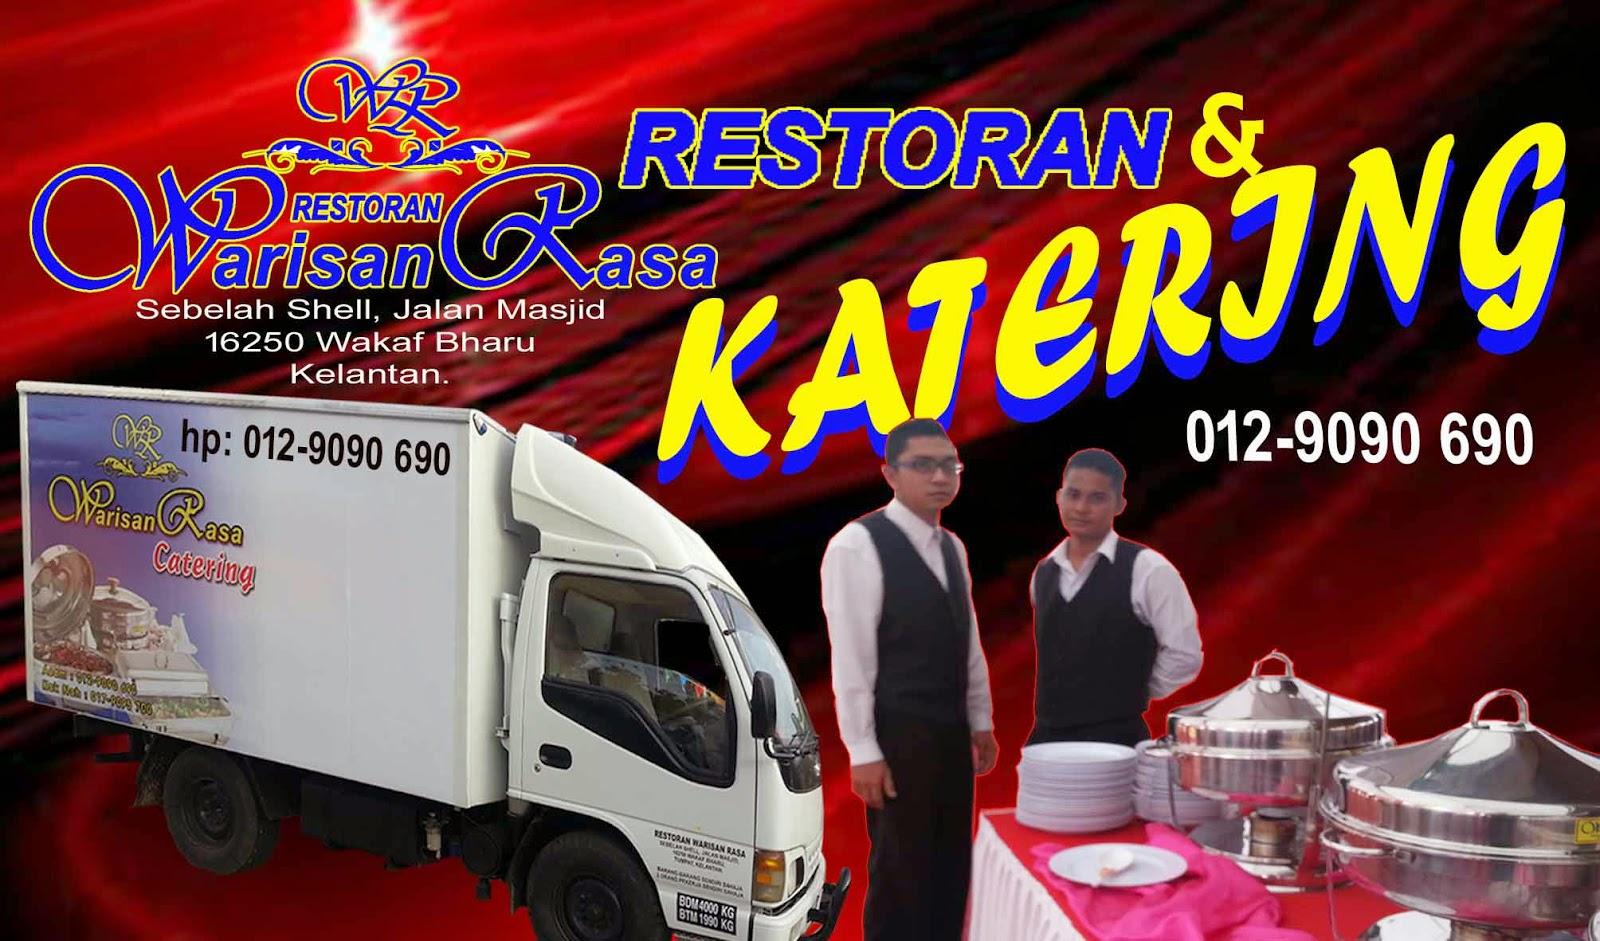 Katering Restoran Warisan Rasa March 2017